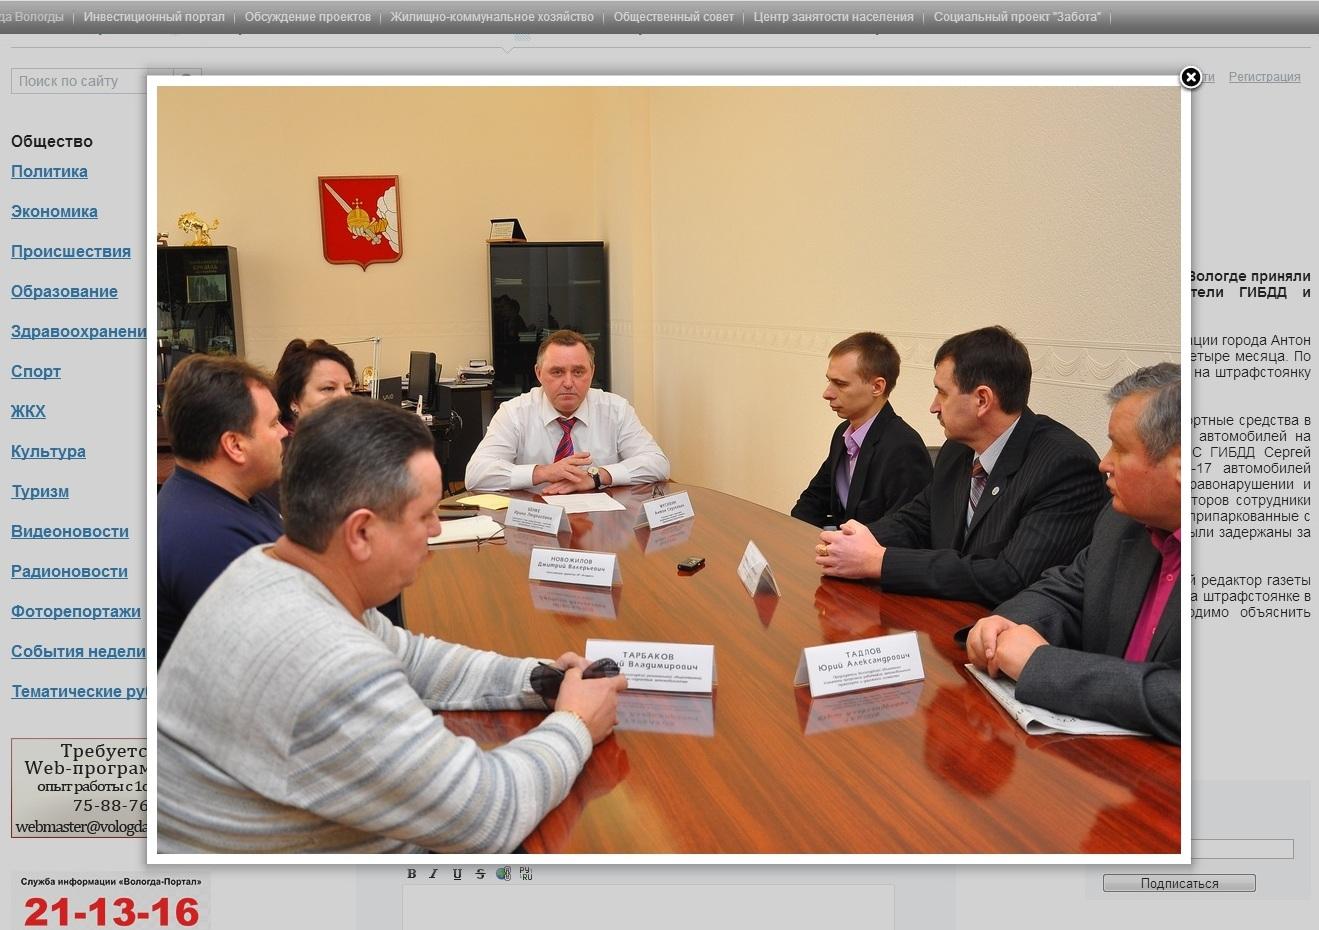 Встреча Главы Вологды с общественностью по поводу штрафстоянки